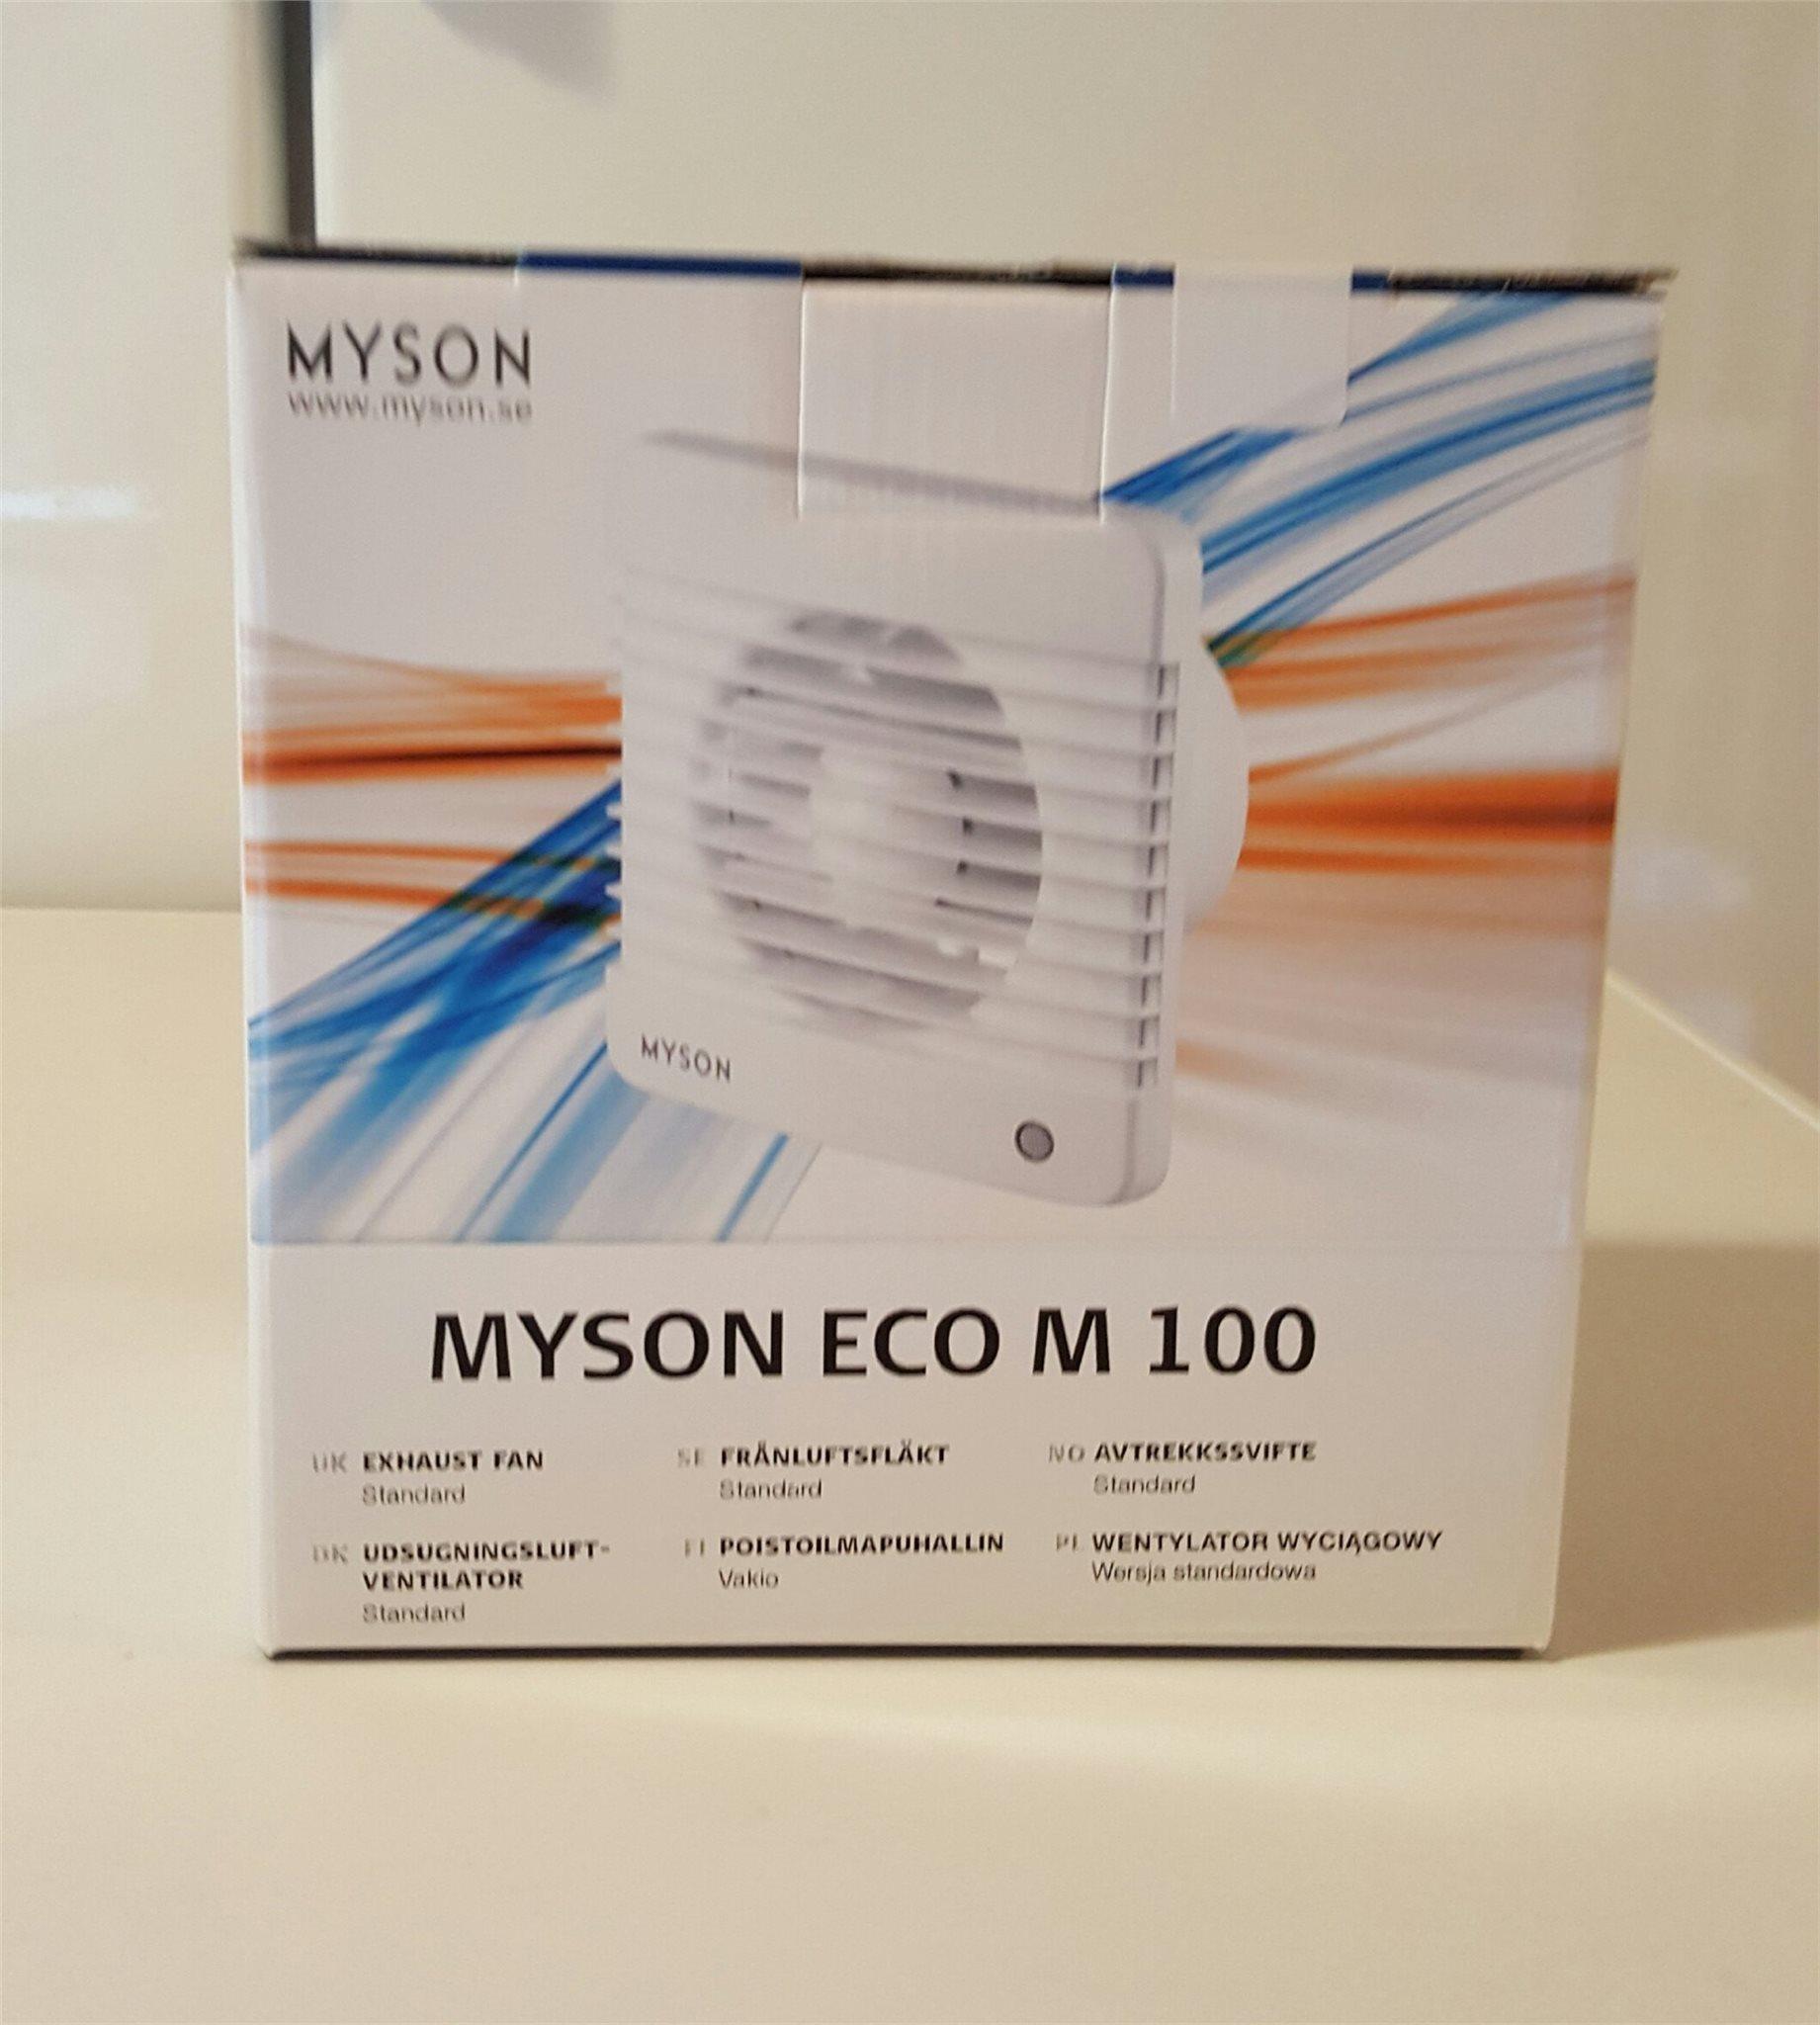 2 st st st Myson Badrums/Frånluftsfläkt Standard tänds via strömbrytare  Ny i kartong. e7173a